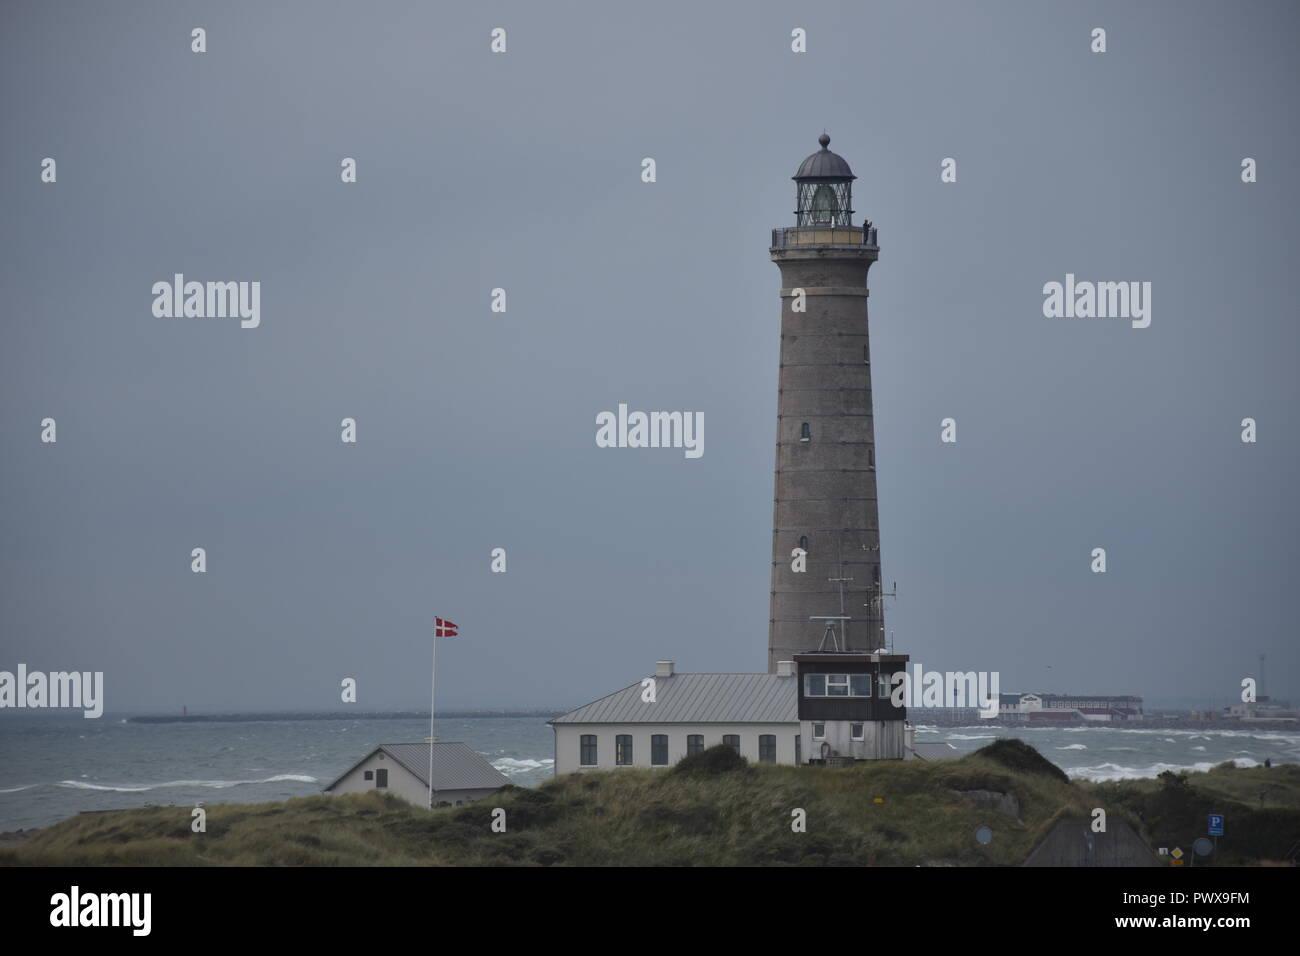 Dänemark, Skagen, Leuchtturm, Turm, Grauer Turm, Schifffahrt, Sicherheit, Verkehr, Nordjylland, Frederikshavn, Skagerrak, Gränen, Kattegat, Landspitze - Stock Image